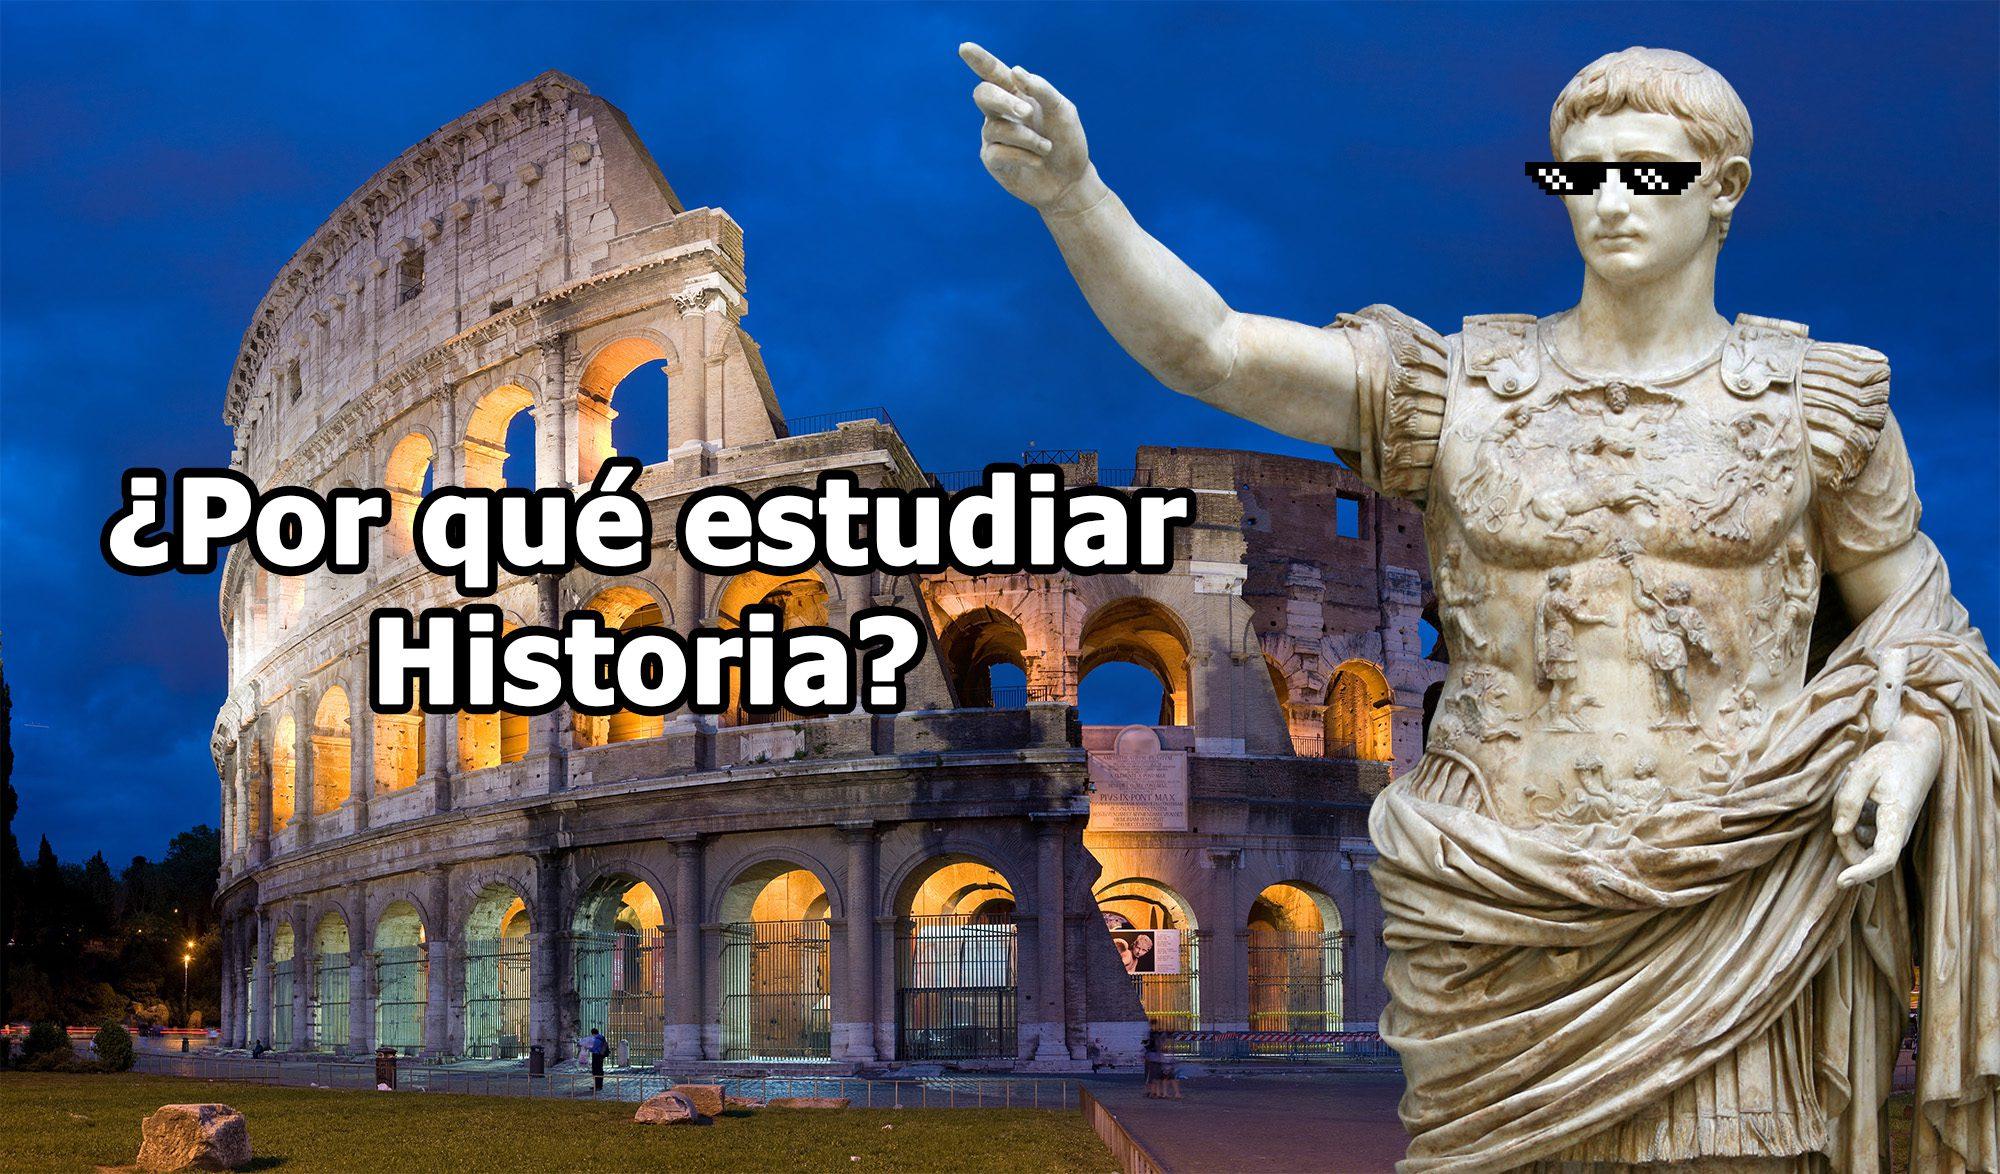 ¿Por qué estudiar historia?